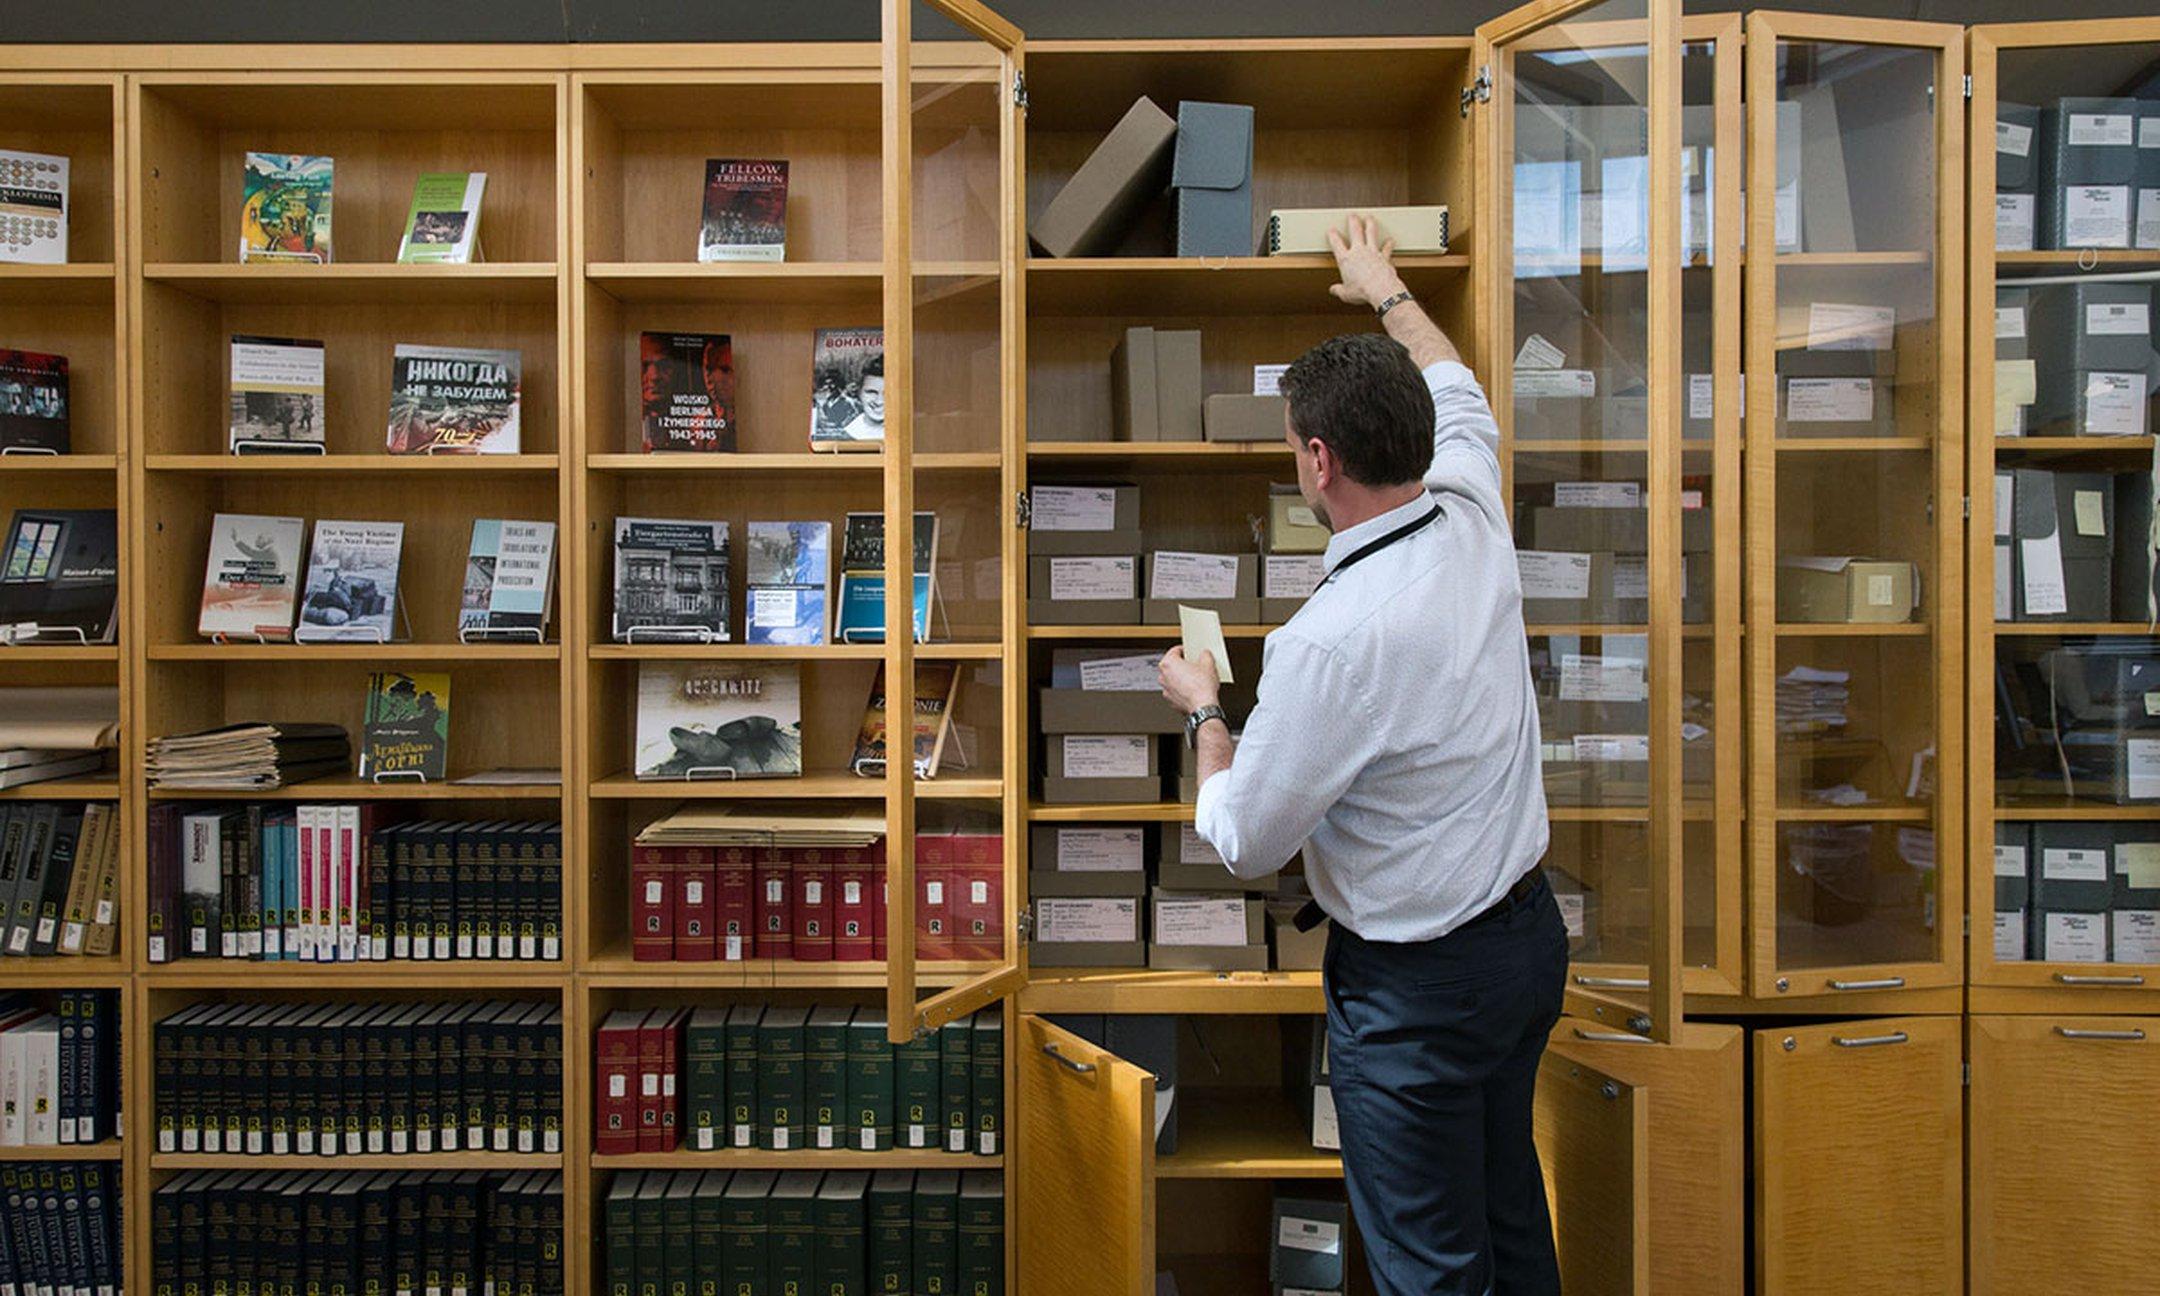 De leeszaal van het United States Holocaust Memorial Museum in Washington